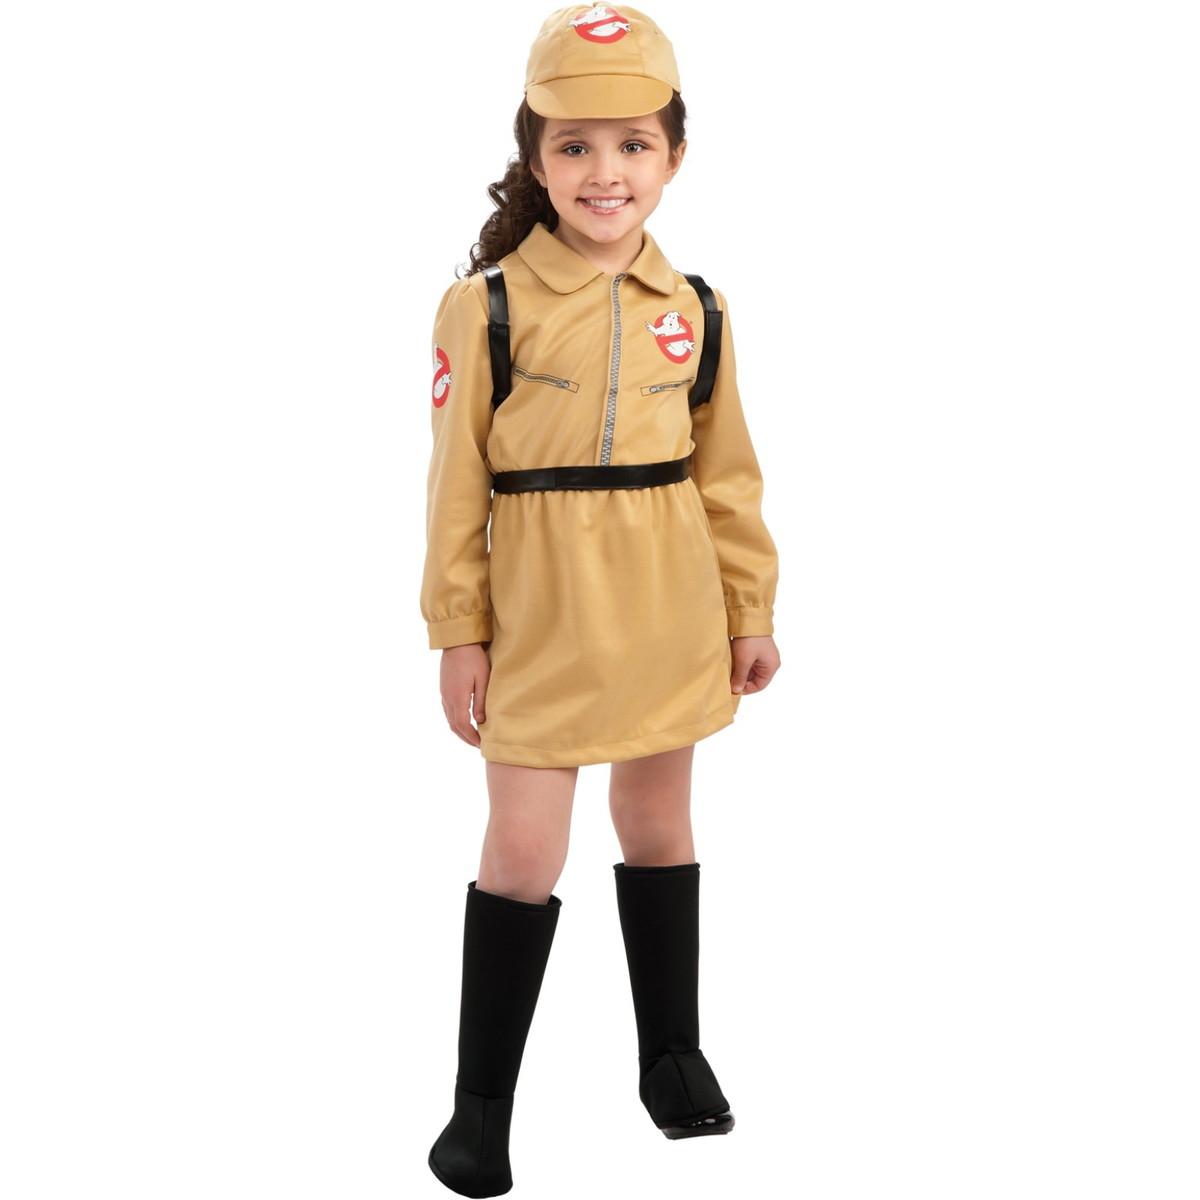 お化け オバケ ゴーストバスターズ衣装 屋敷 ゲーム 子供用コスチューム